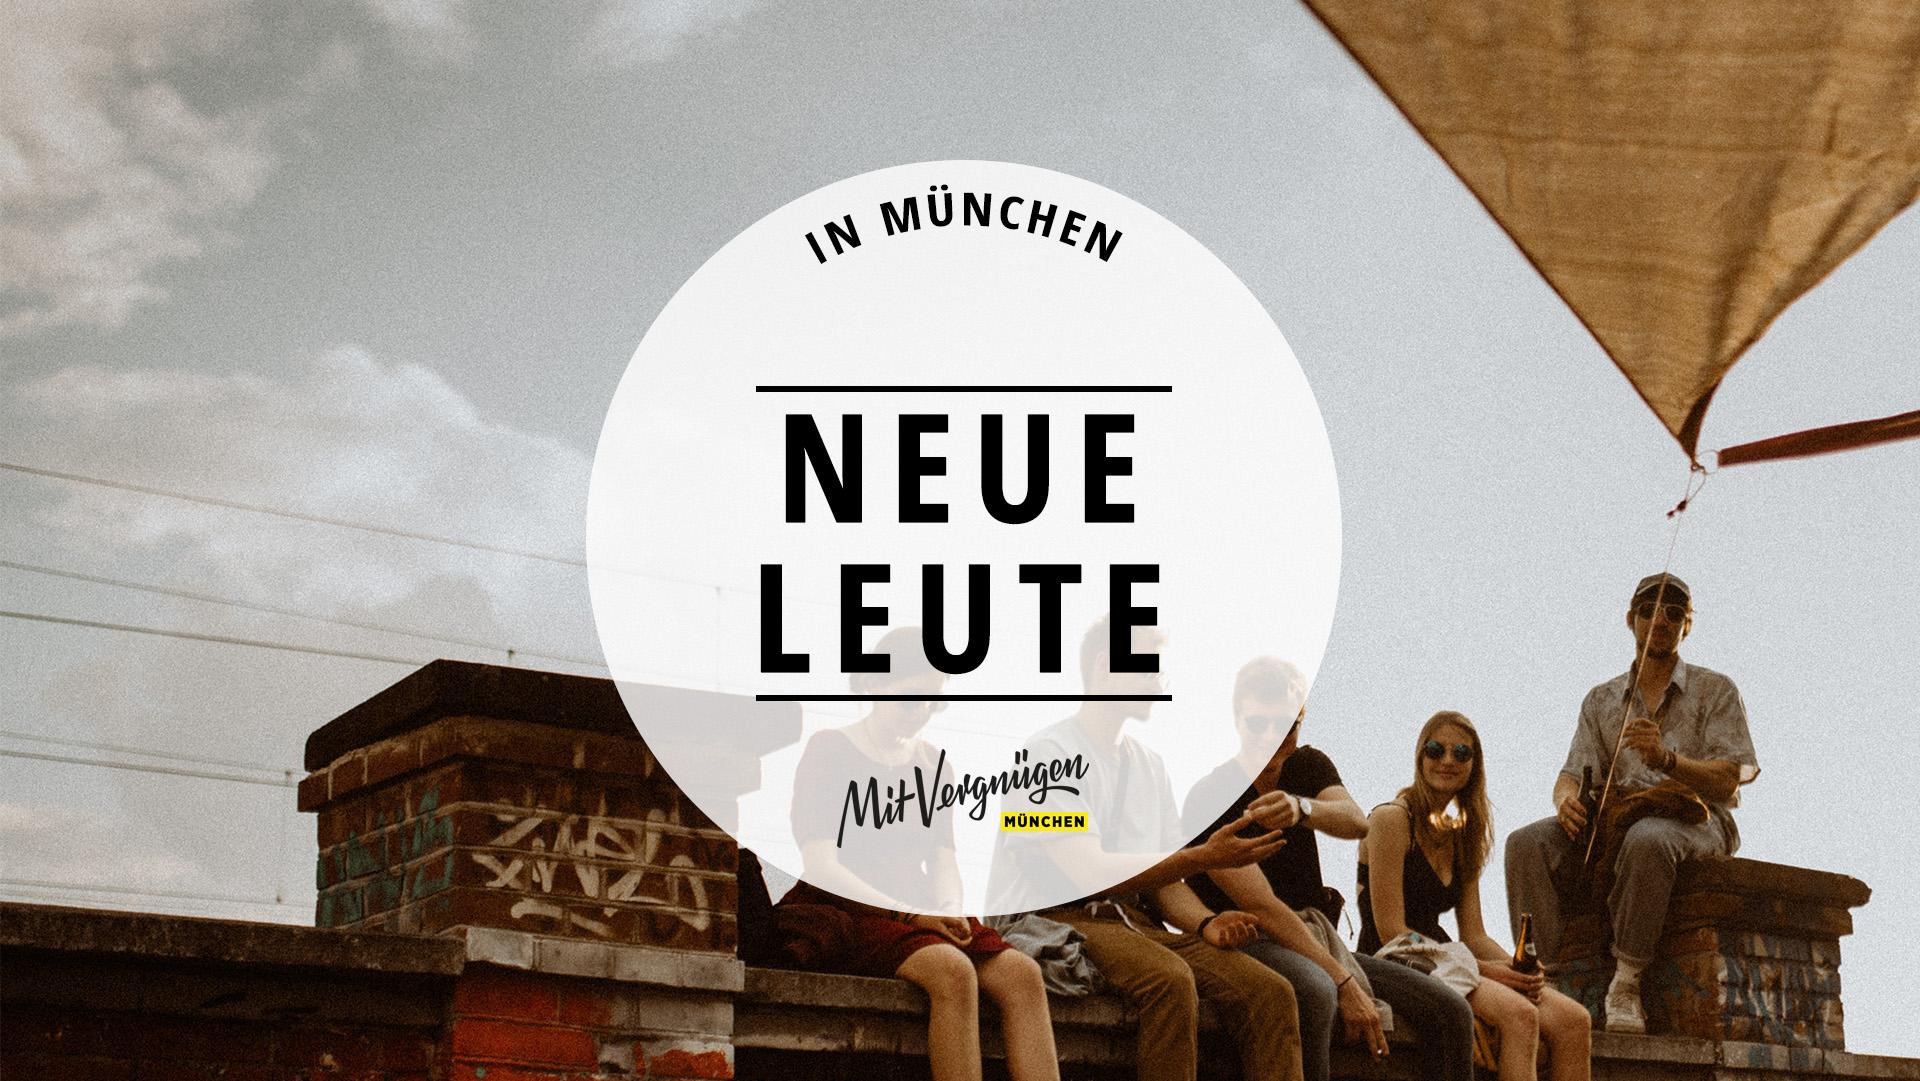 Berlin nette leute kennenlernen